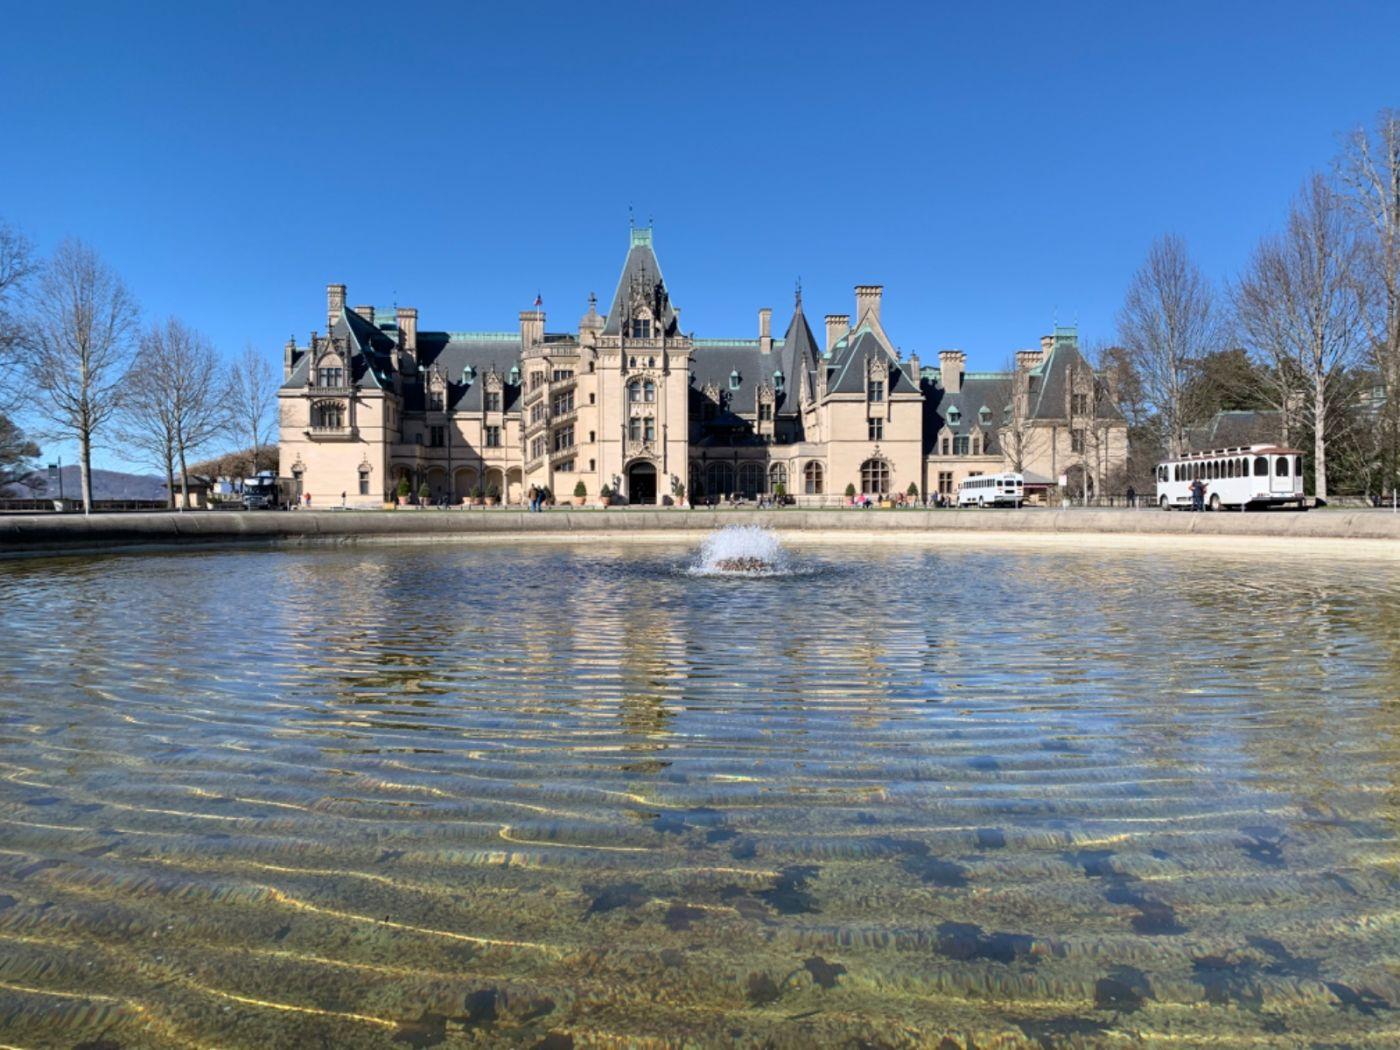 比特摩尔(Biltmore)庄园,美国最富盛名的十大私人庄园之一_图1-2